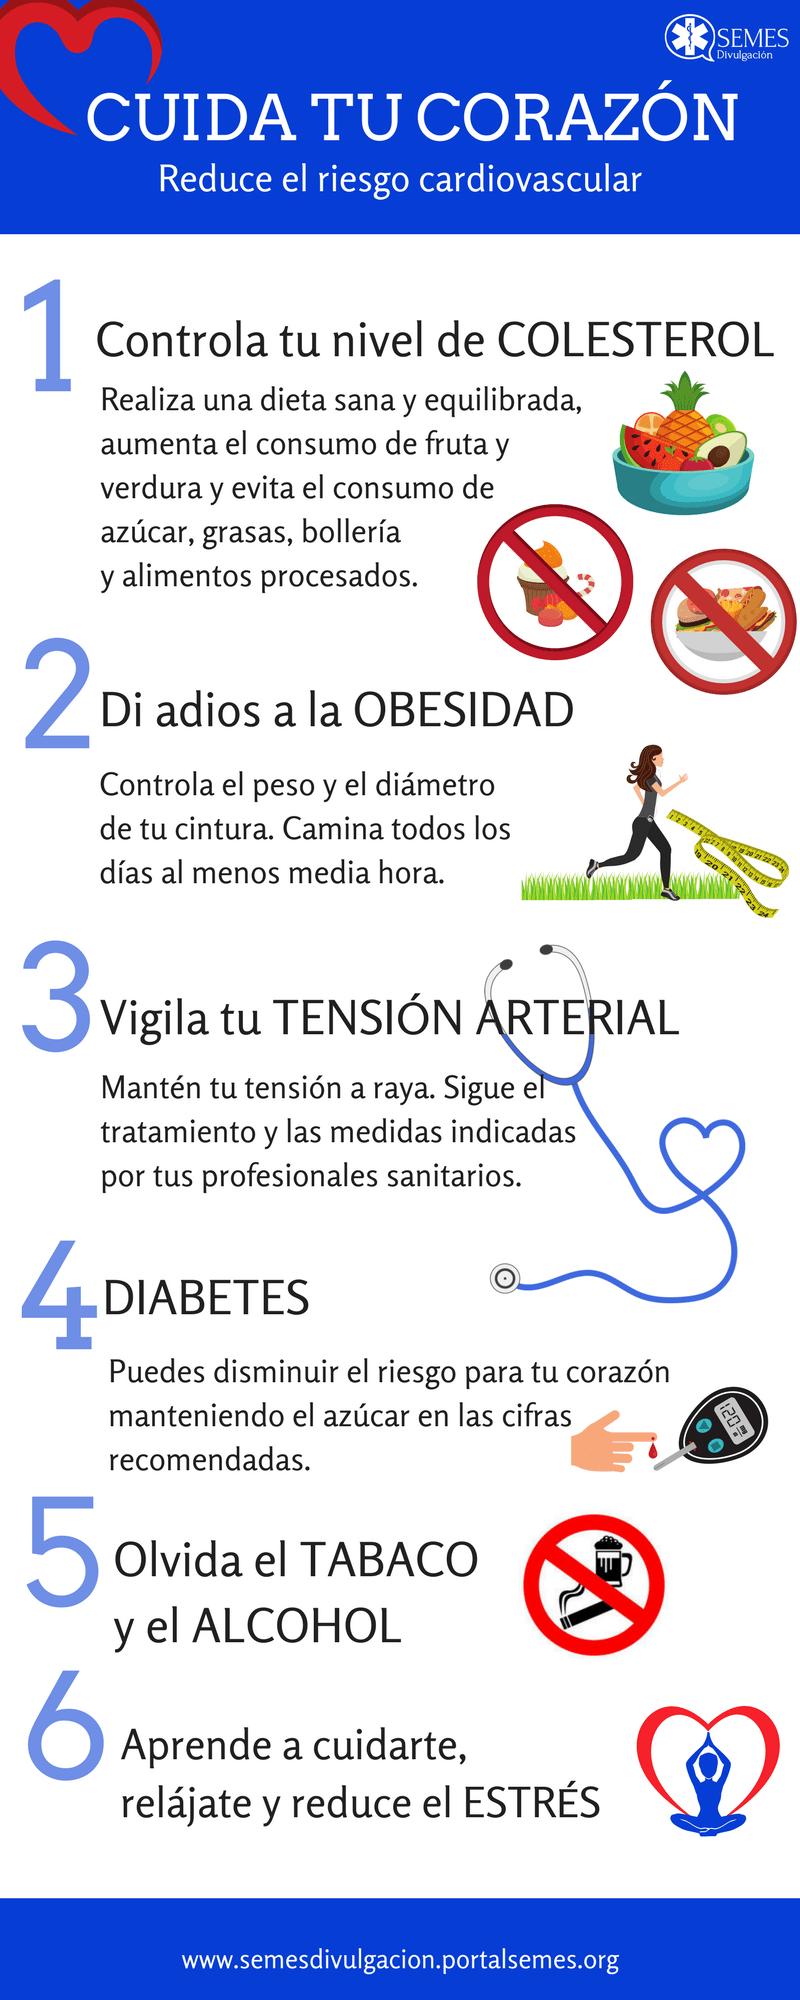 Reduce el riesgo cardiovascular